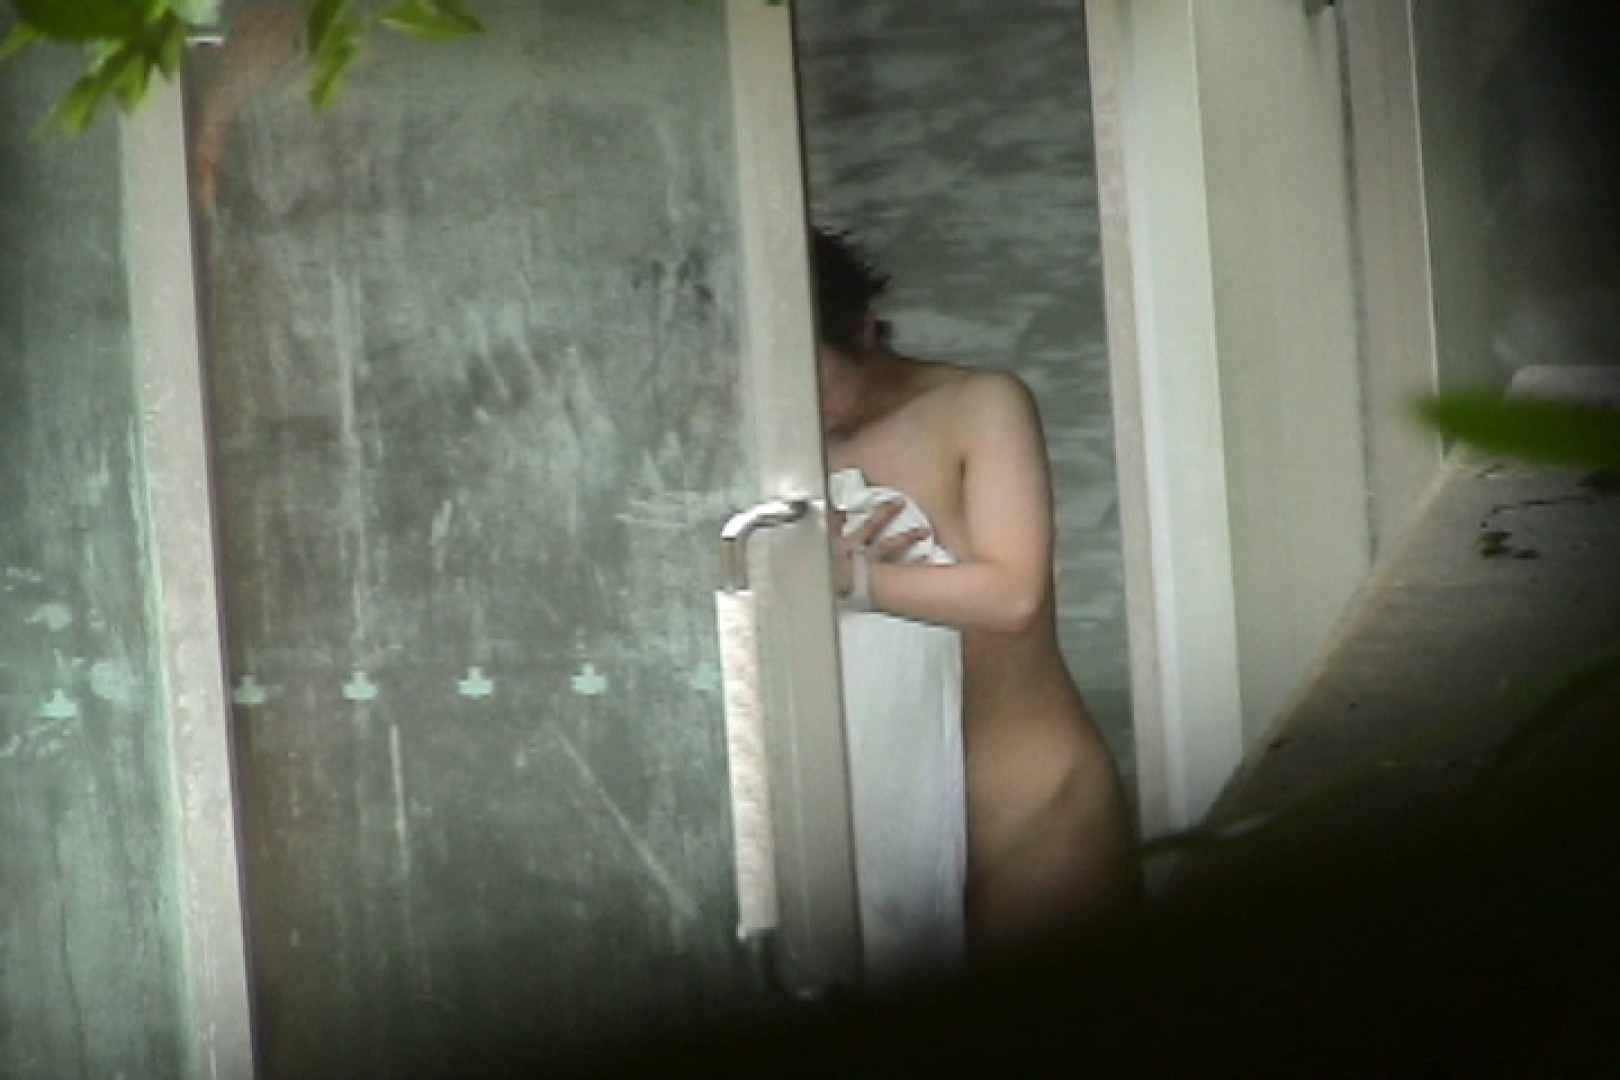 Aquaな露天風呂Vol.703 盗撮師作品 | 美しいOLの裸体  93pic 28